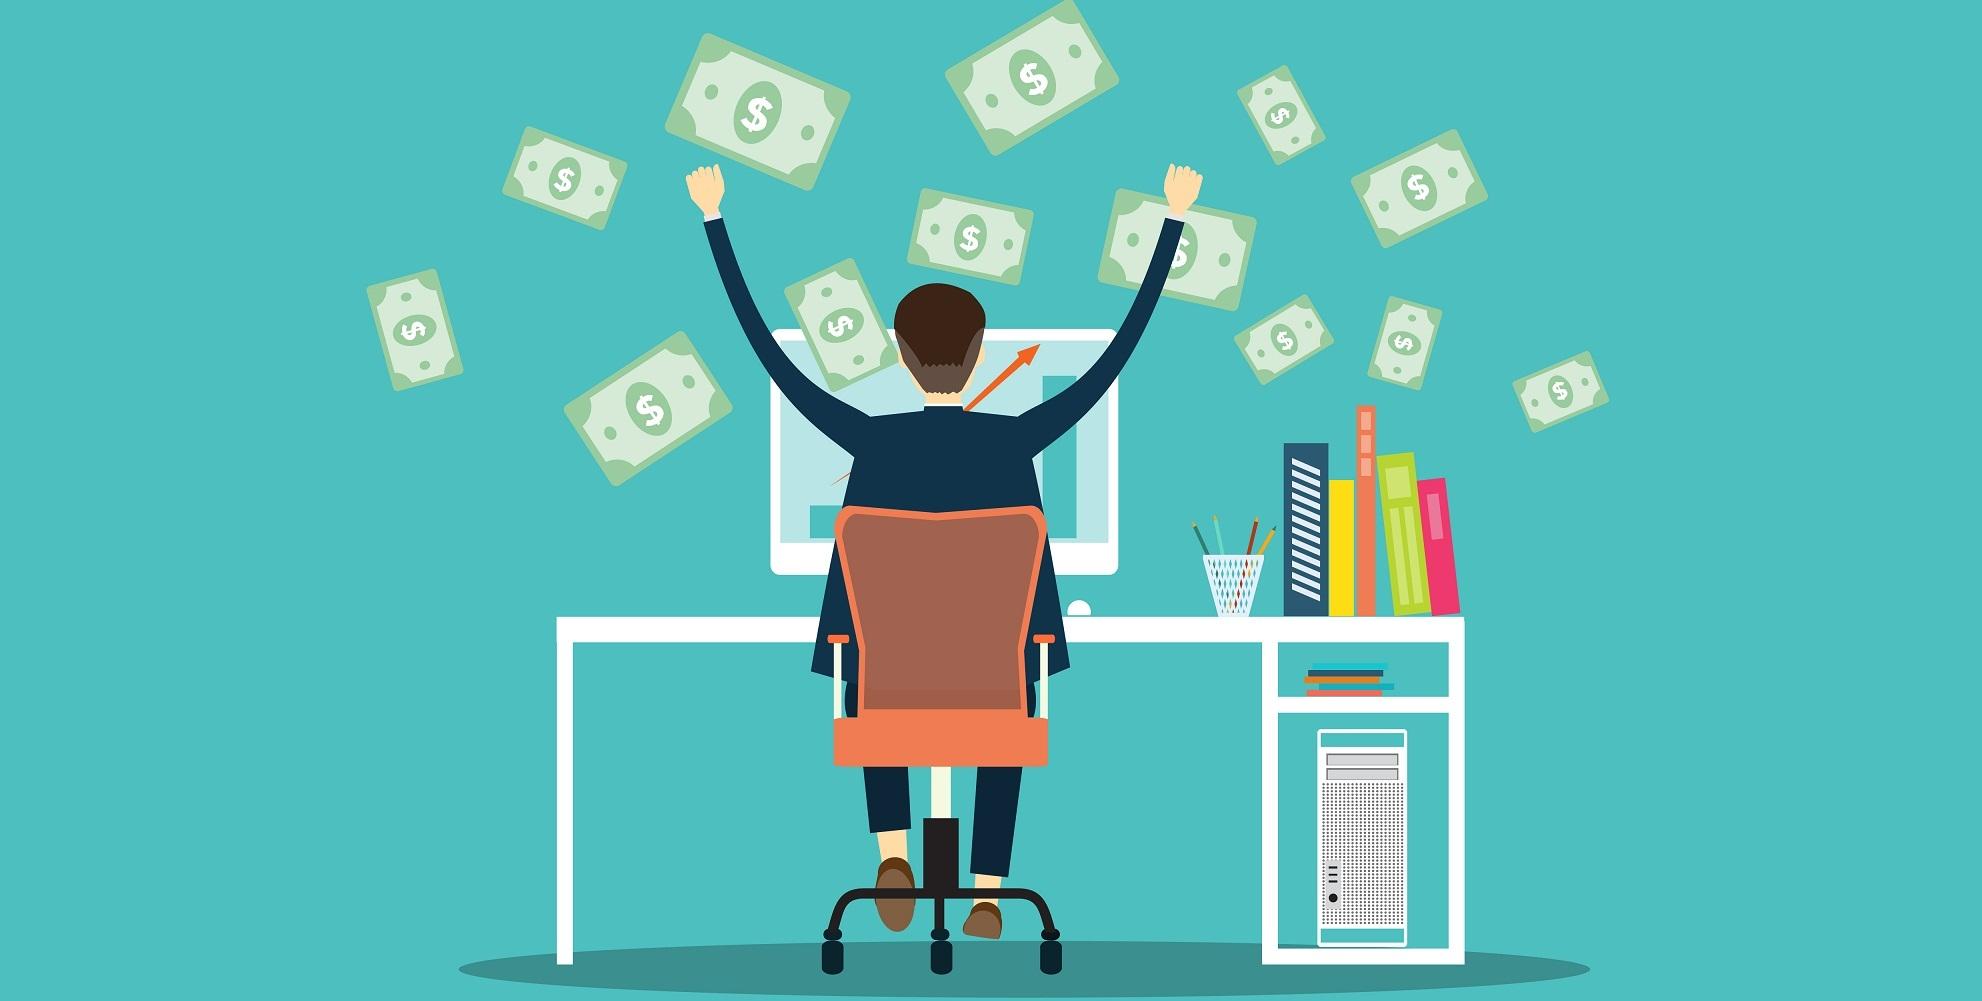 Top kinh doanh online hiệu quả